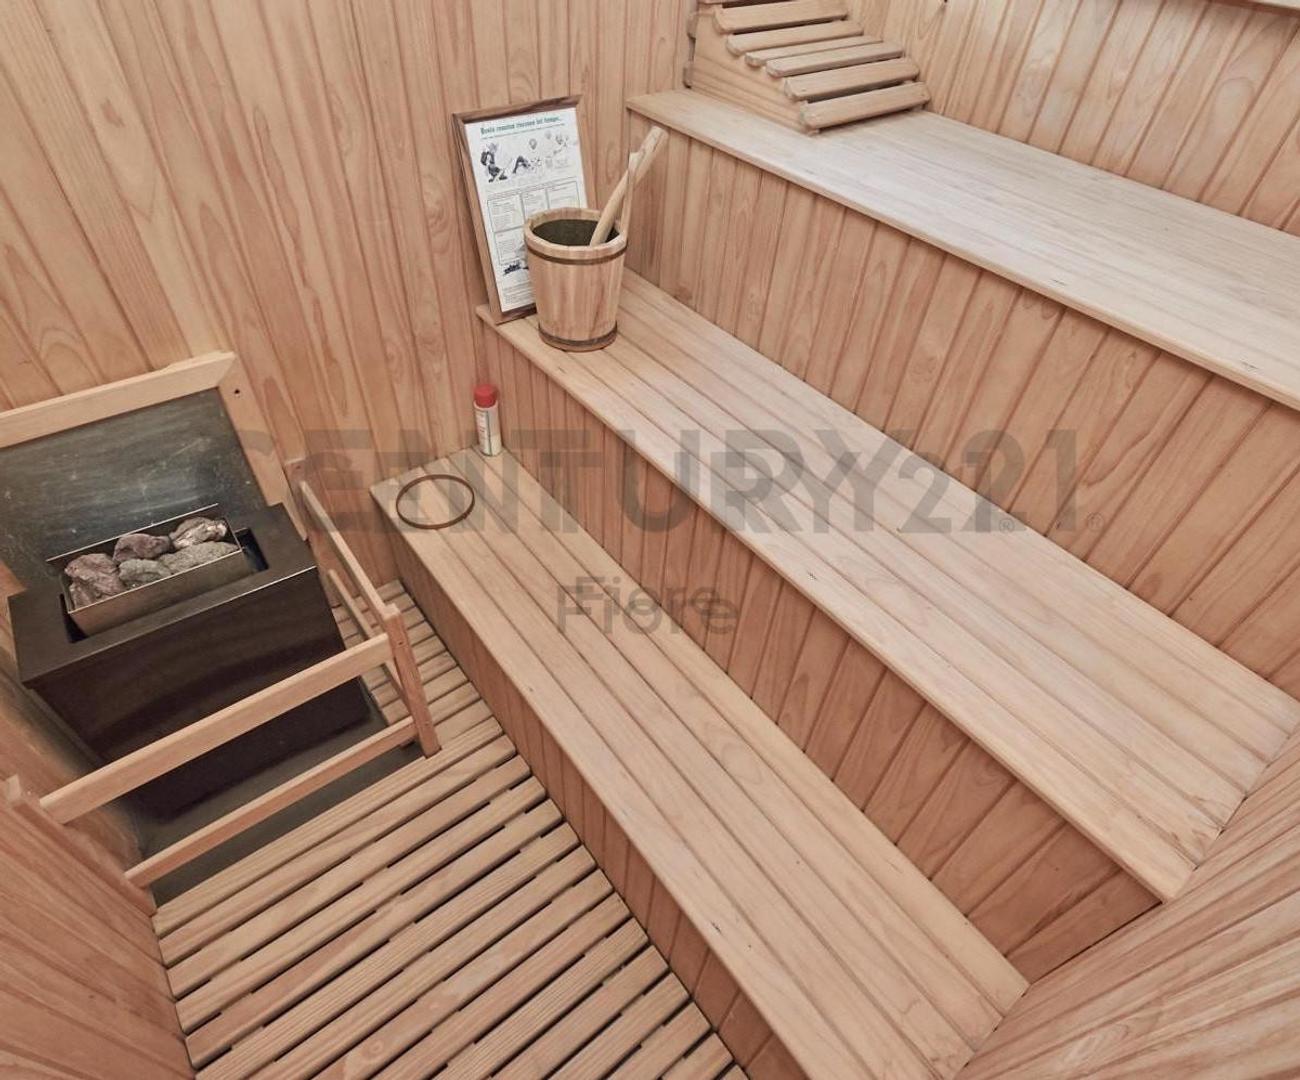 Venta Impactante Casa 5 Ambientes con Pileta Galeria y Dependencia en Olivos - Foto 14